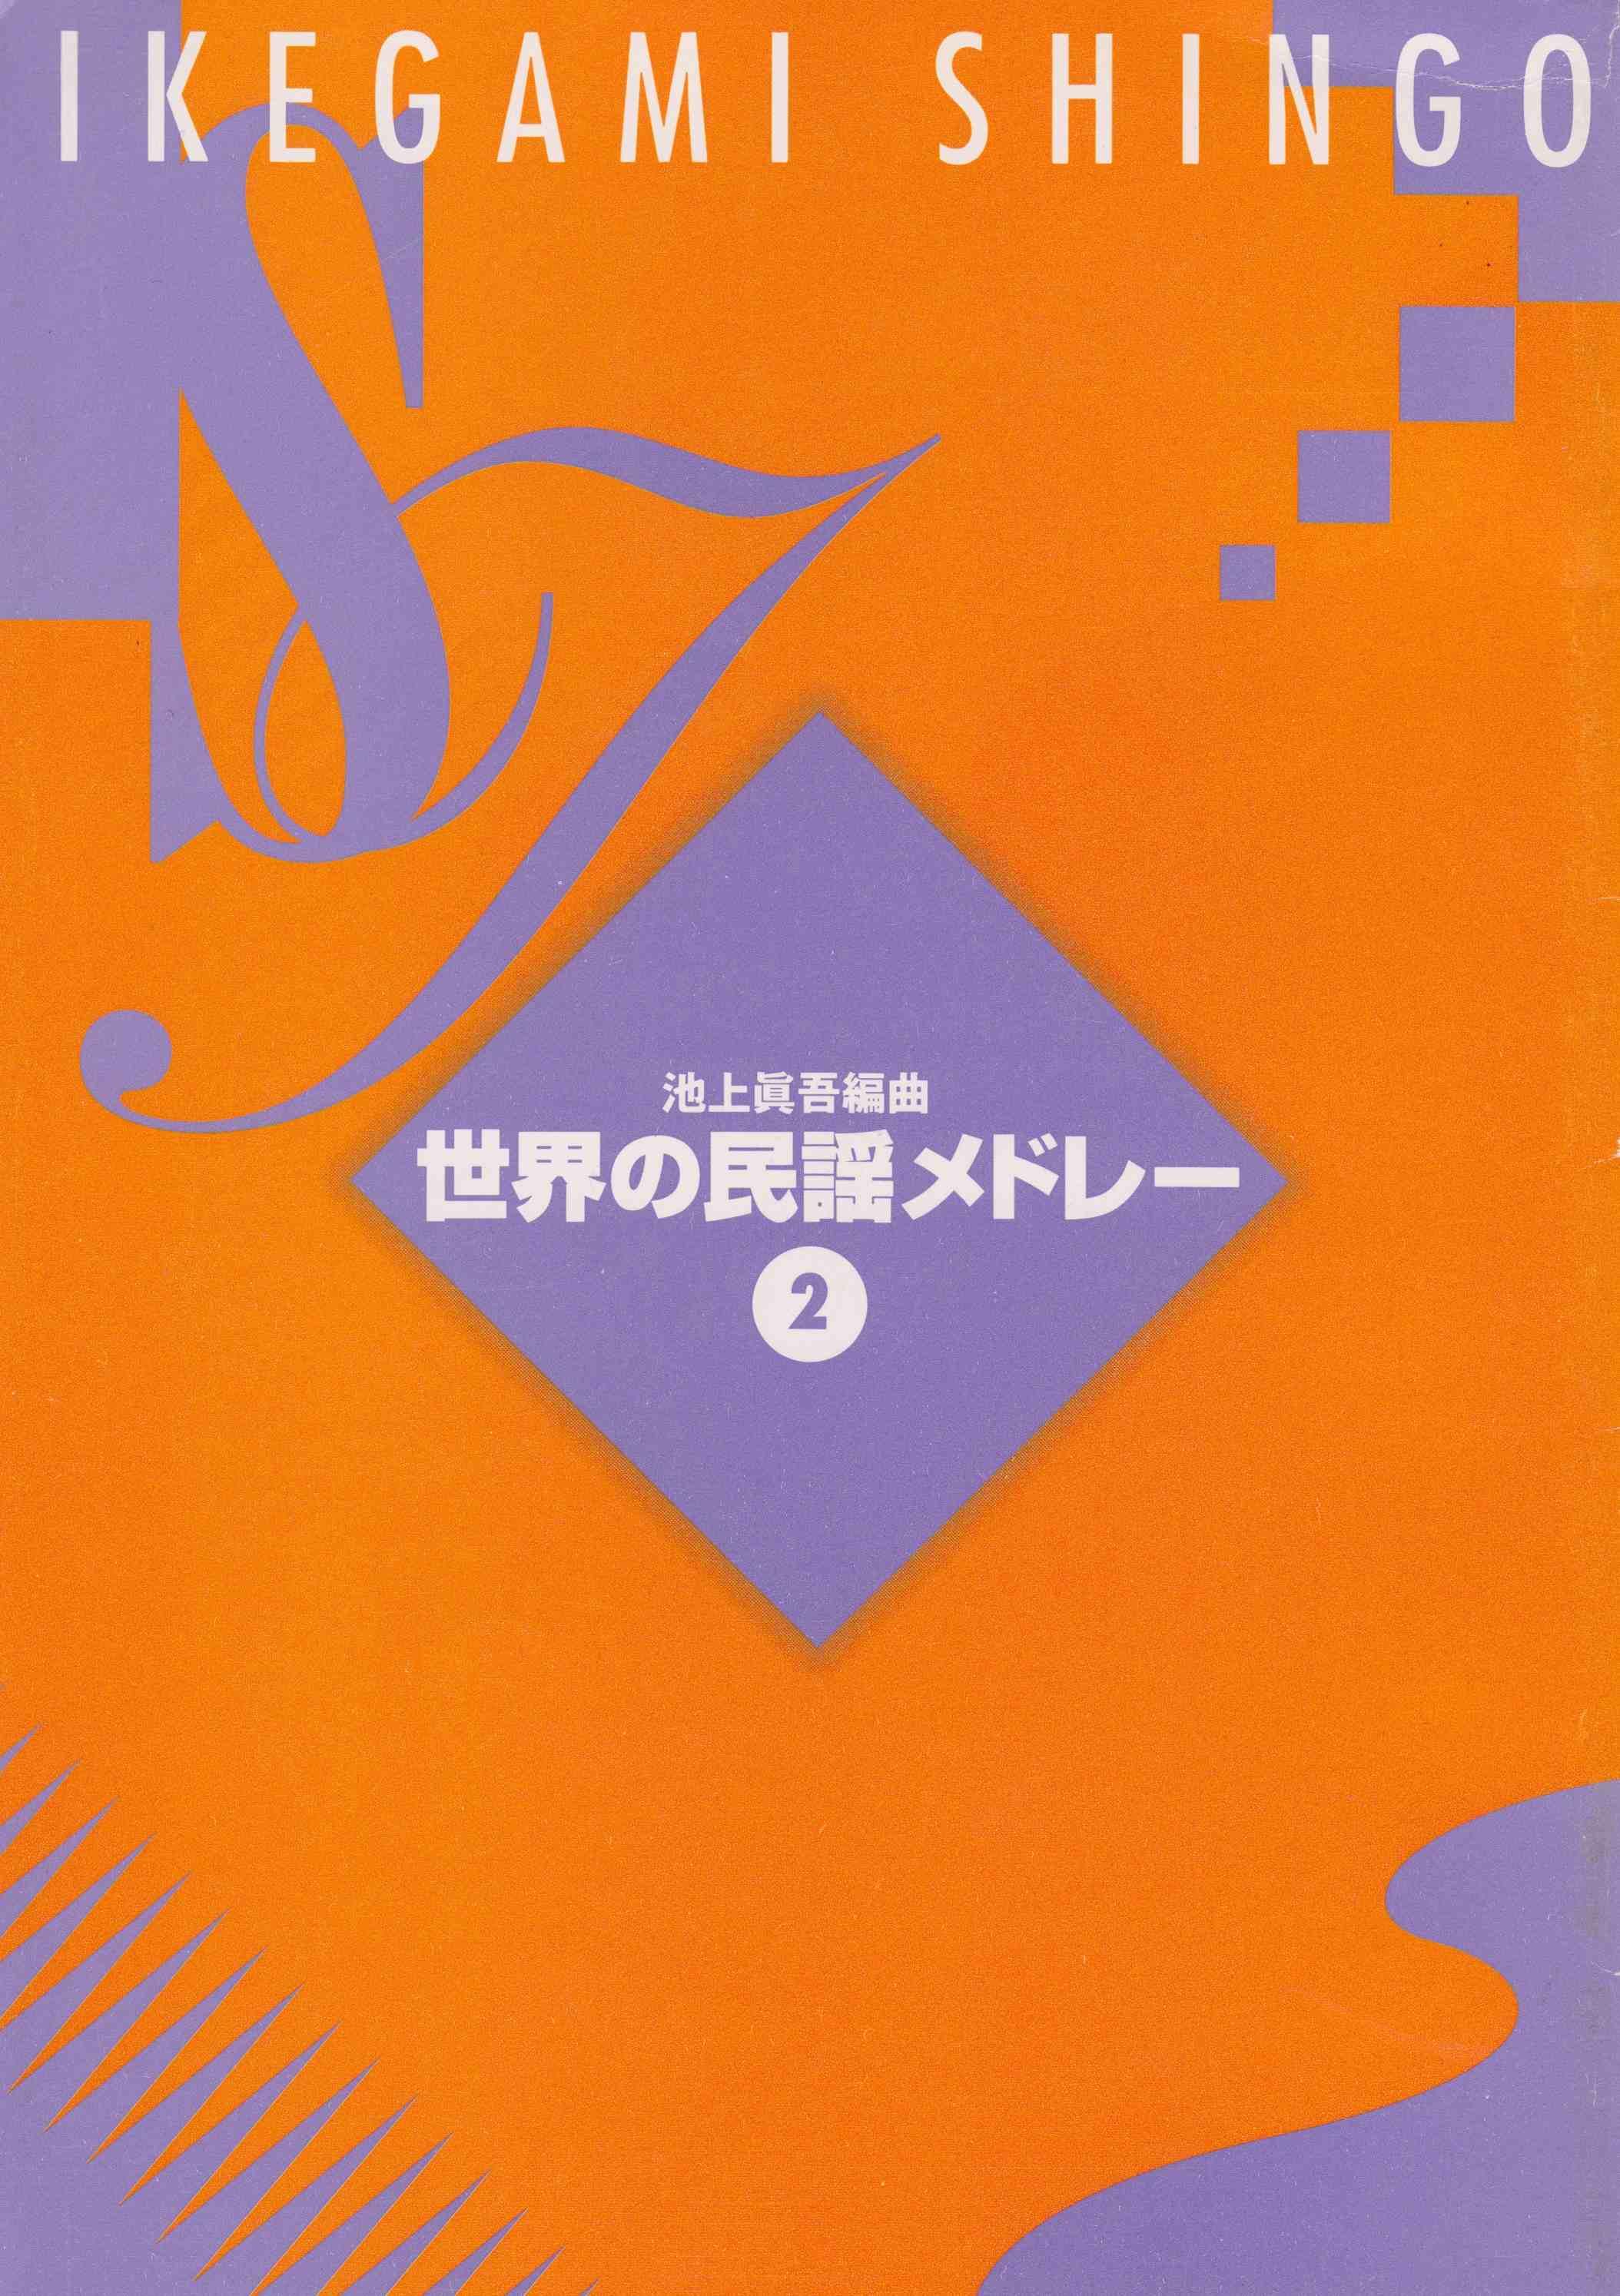 世界の民謡メドレーII(箏譜+シングルCD)[5107-1]